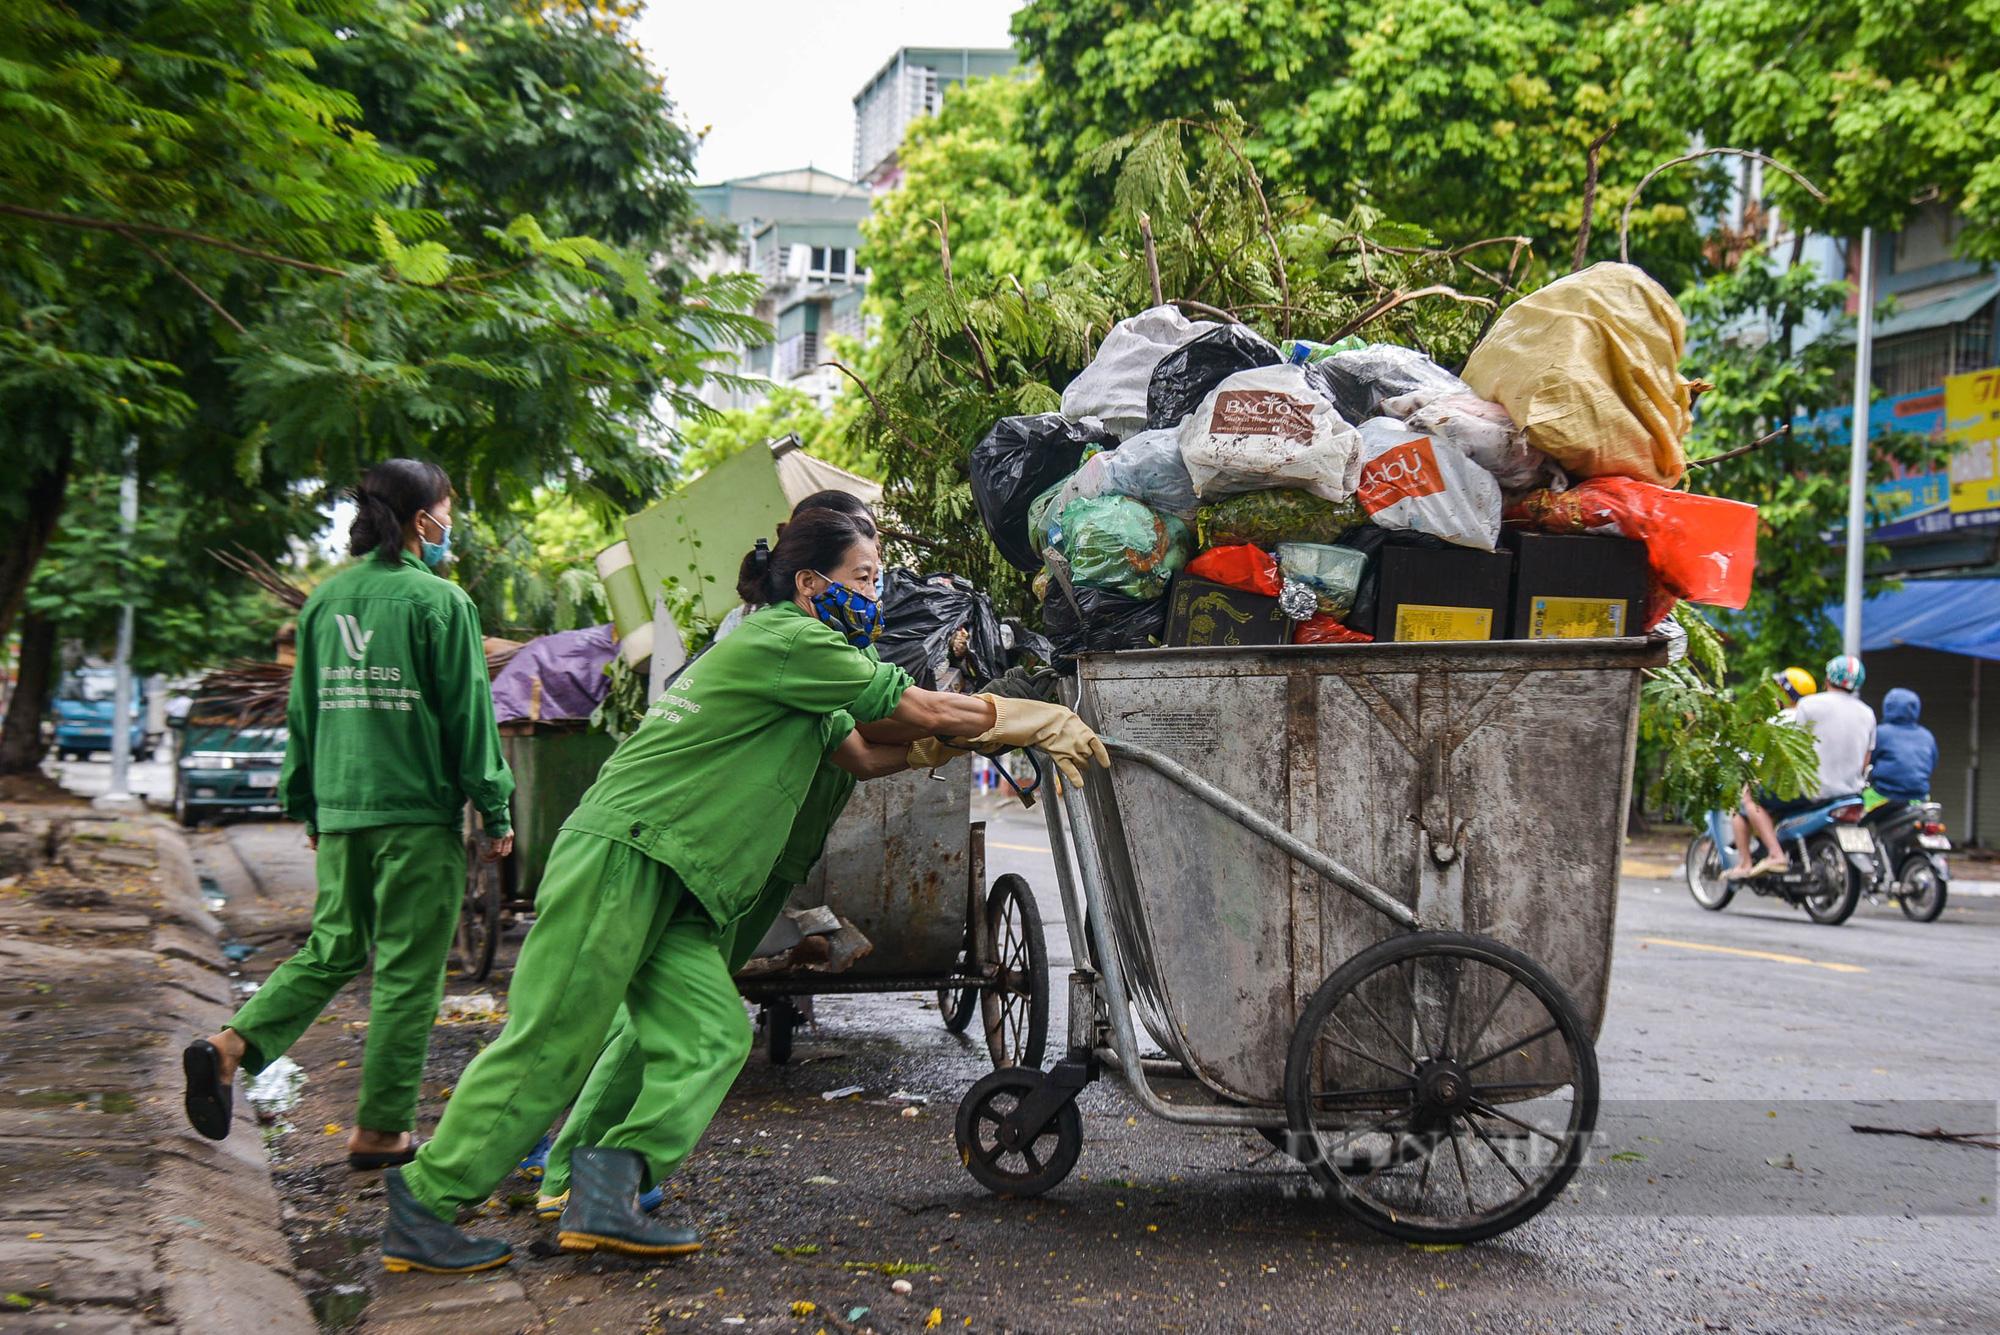 Công nhân vệ sinh môi trường: 'Thất thu' nhẹ mùa dịch, việc nhiều hơn - Ảnh 1.